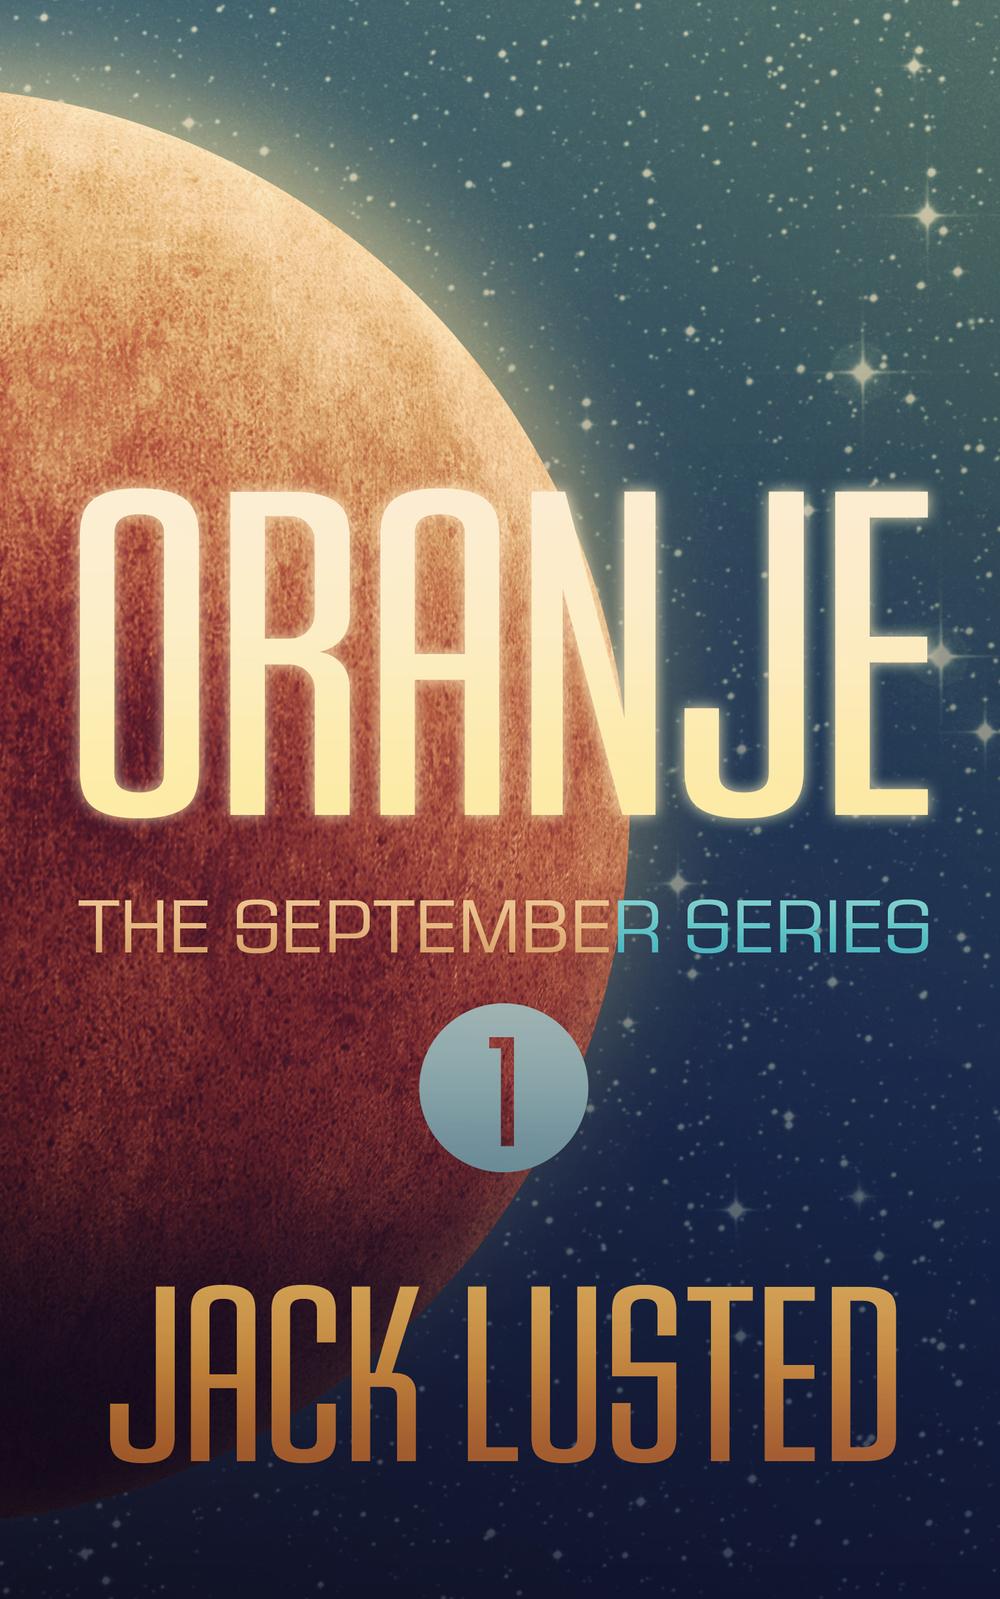 The original cover for Oranje .